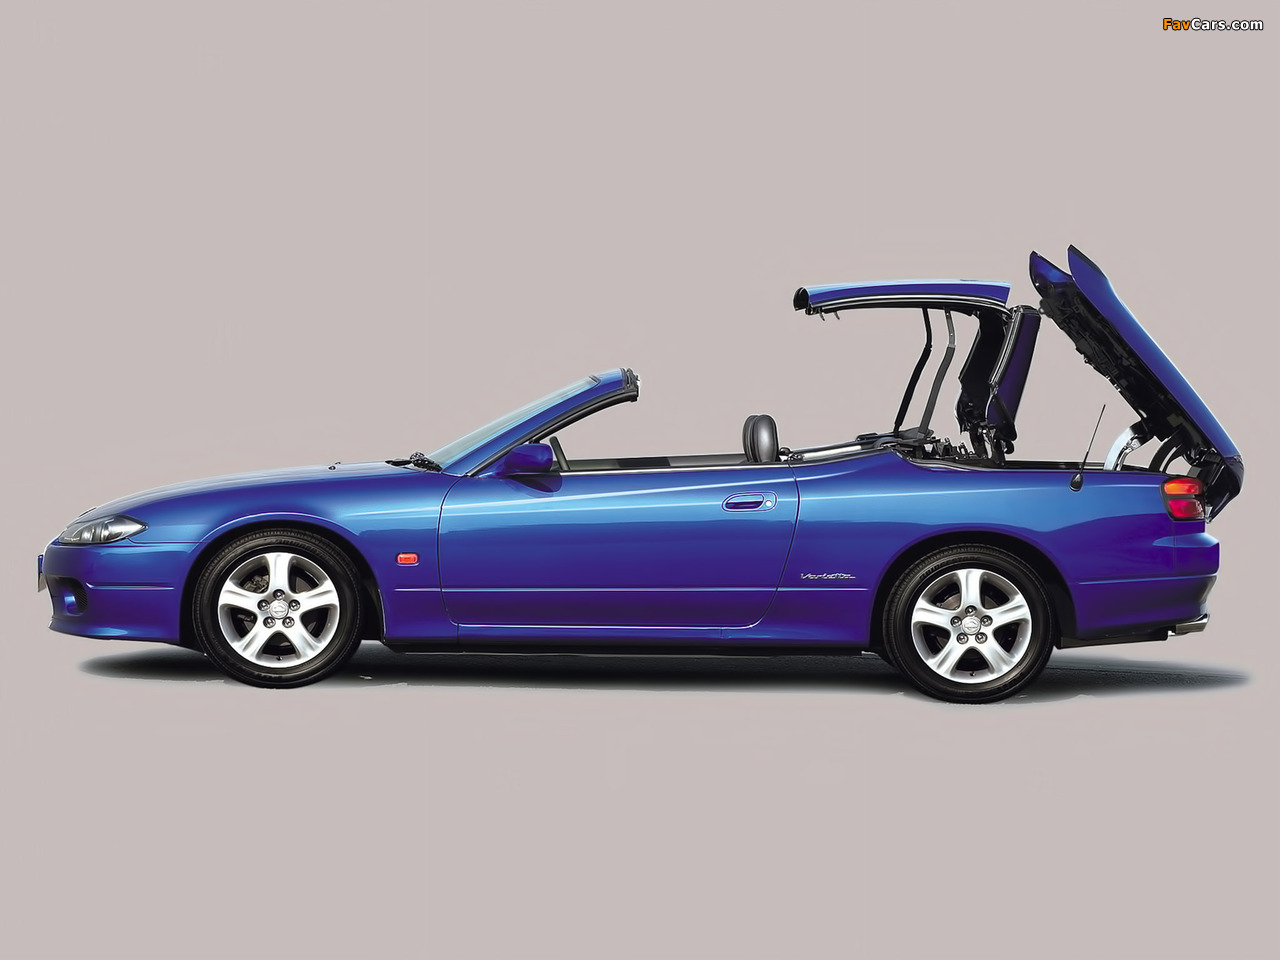 Autech Nissan Silvia Varietta S15 2000 02 wallpapers 1280 x 960